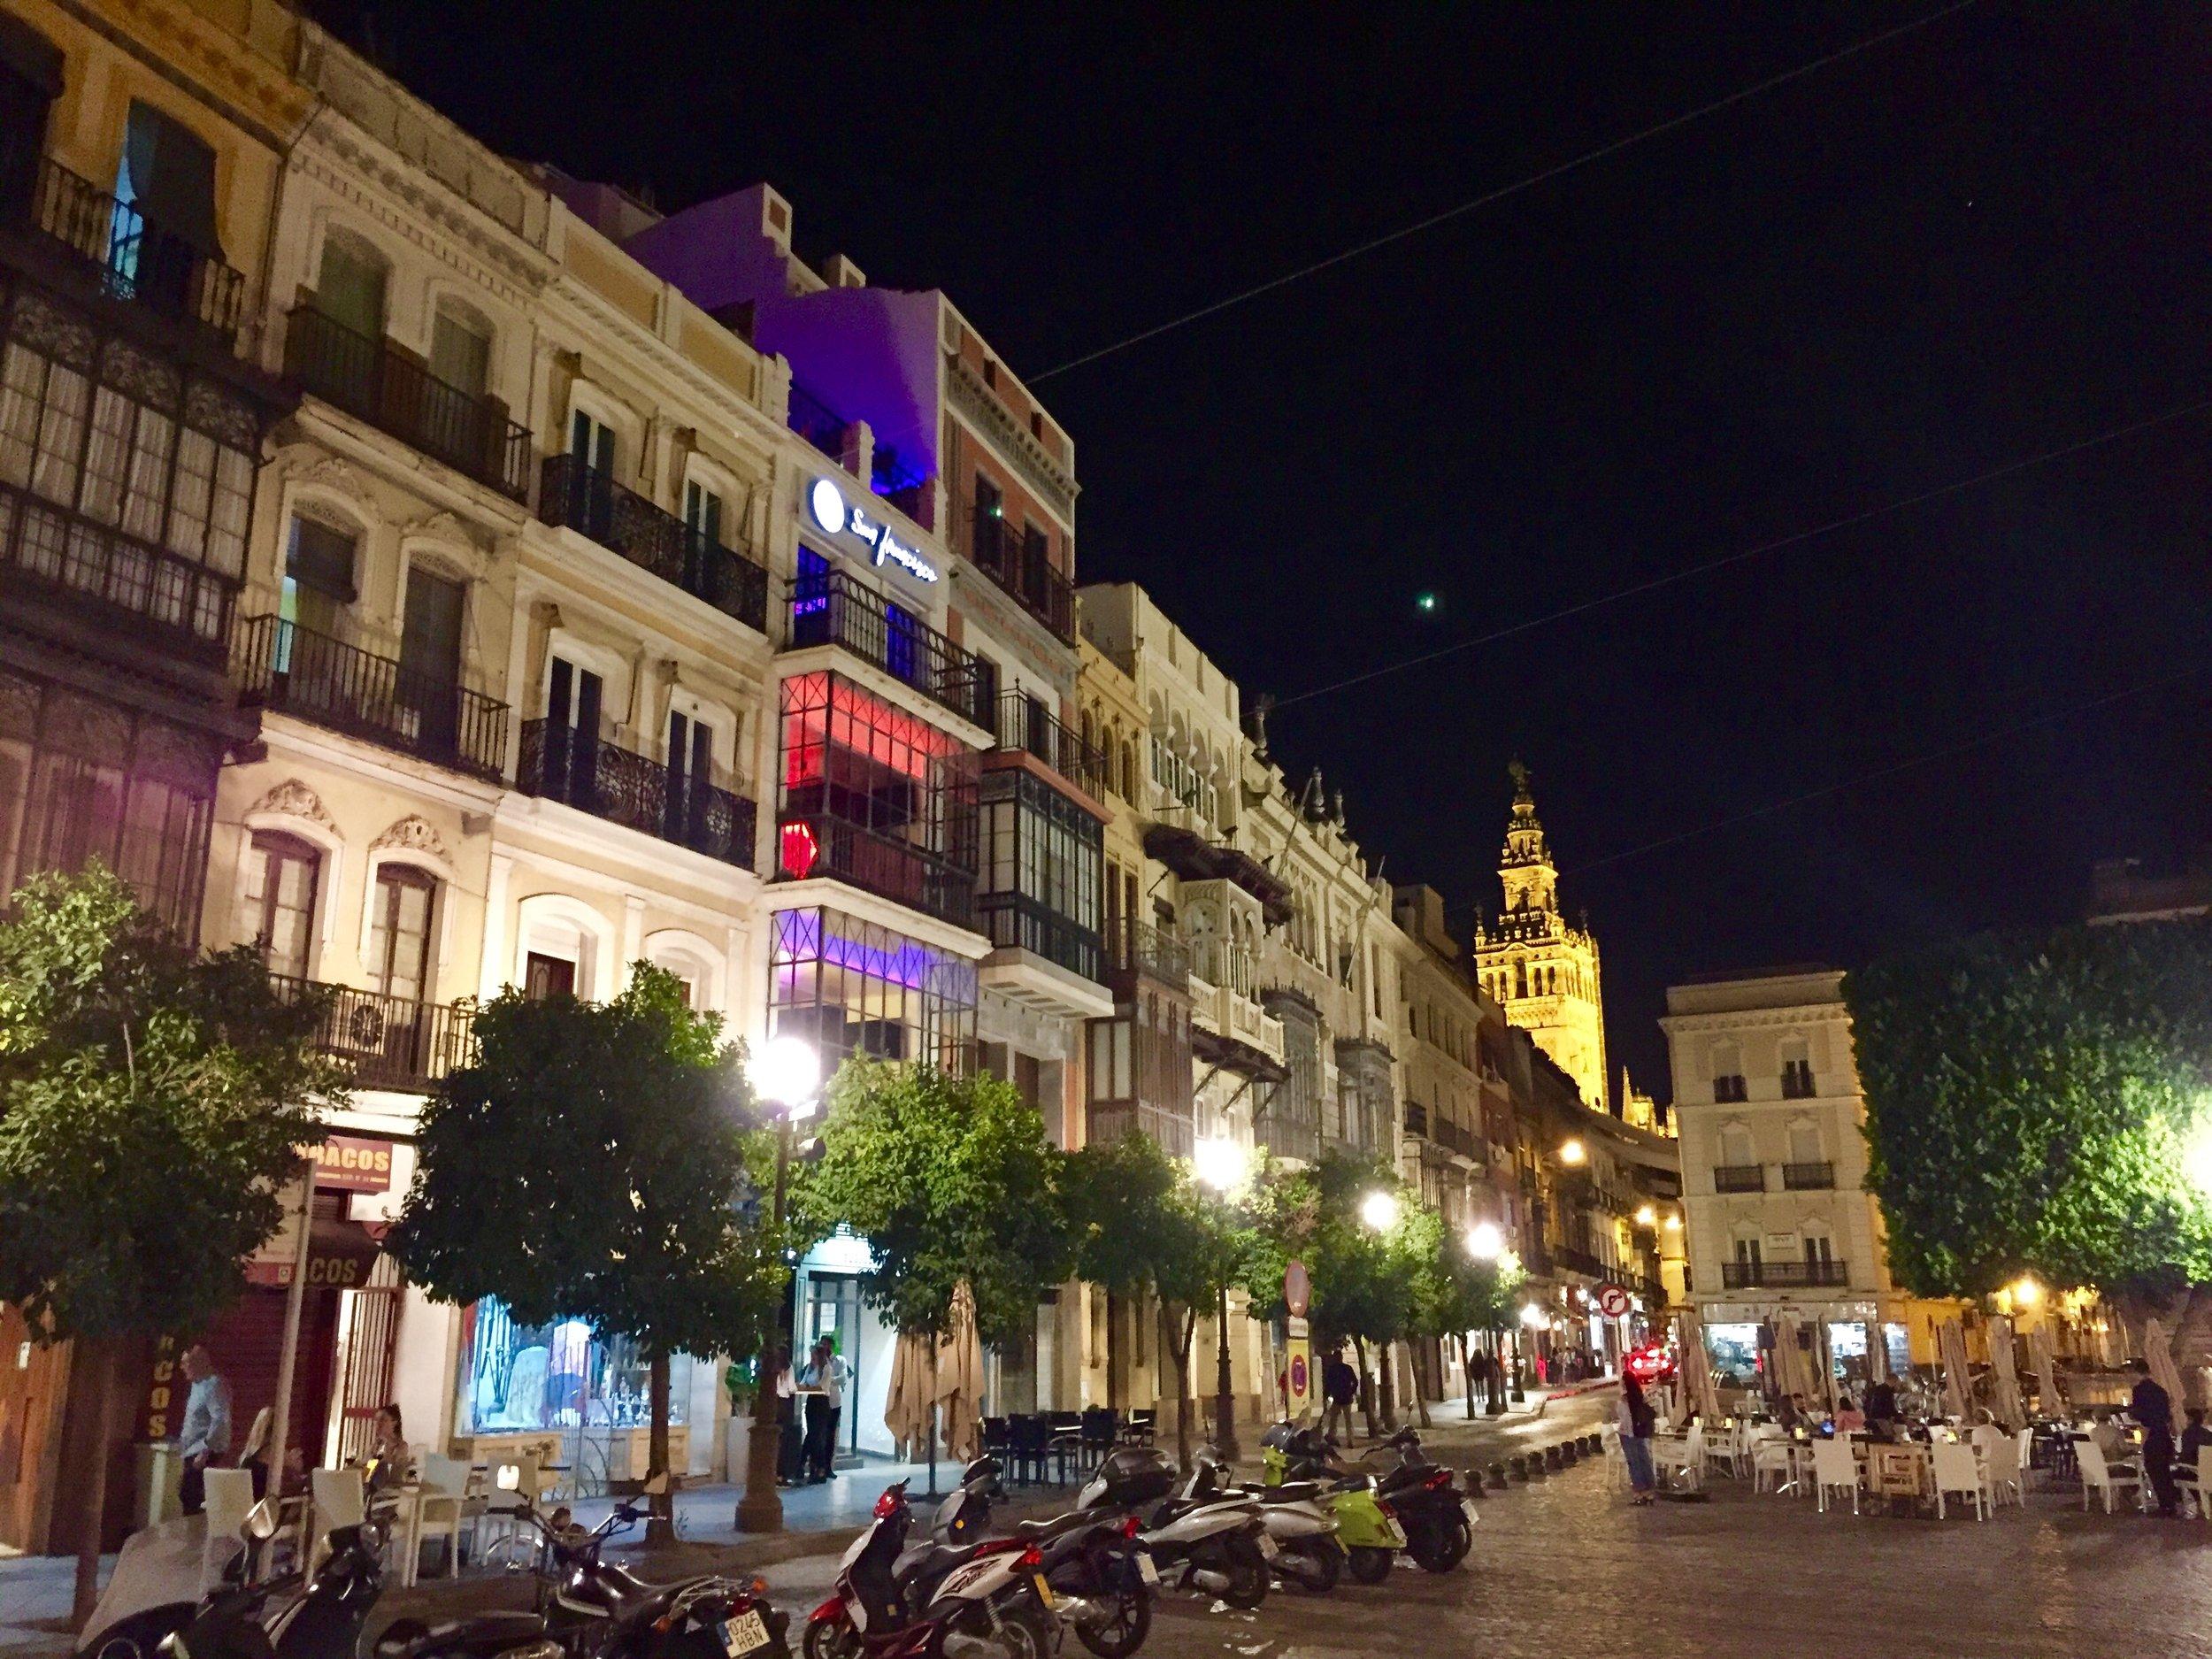 Sevilla Spain at night.jpg